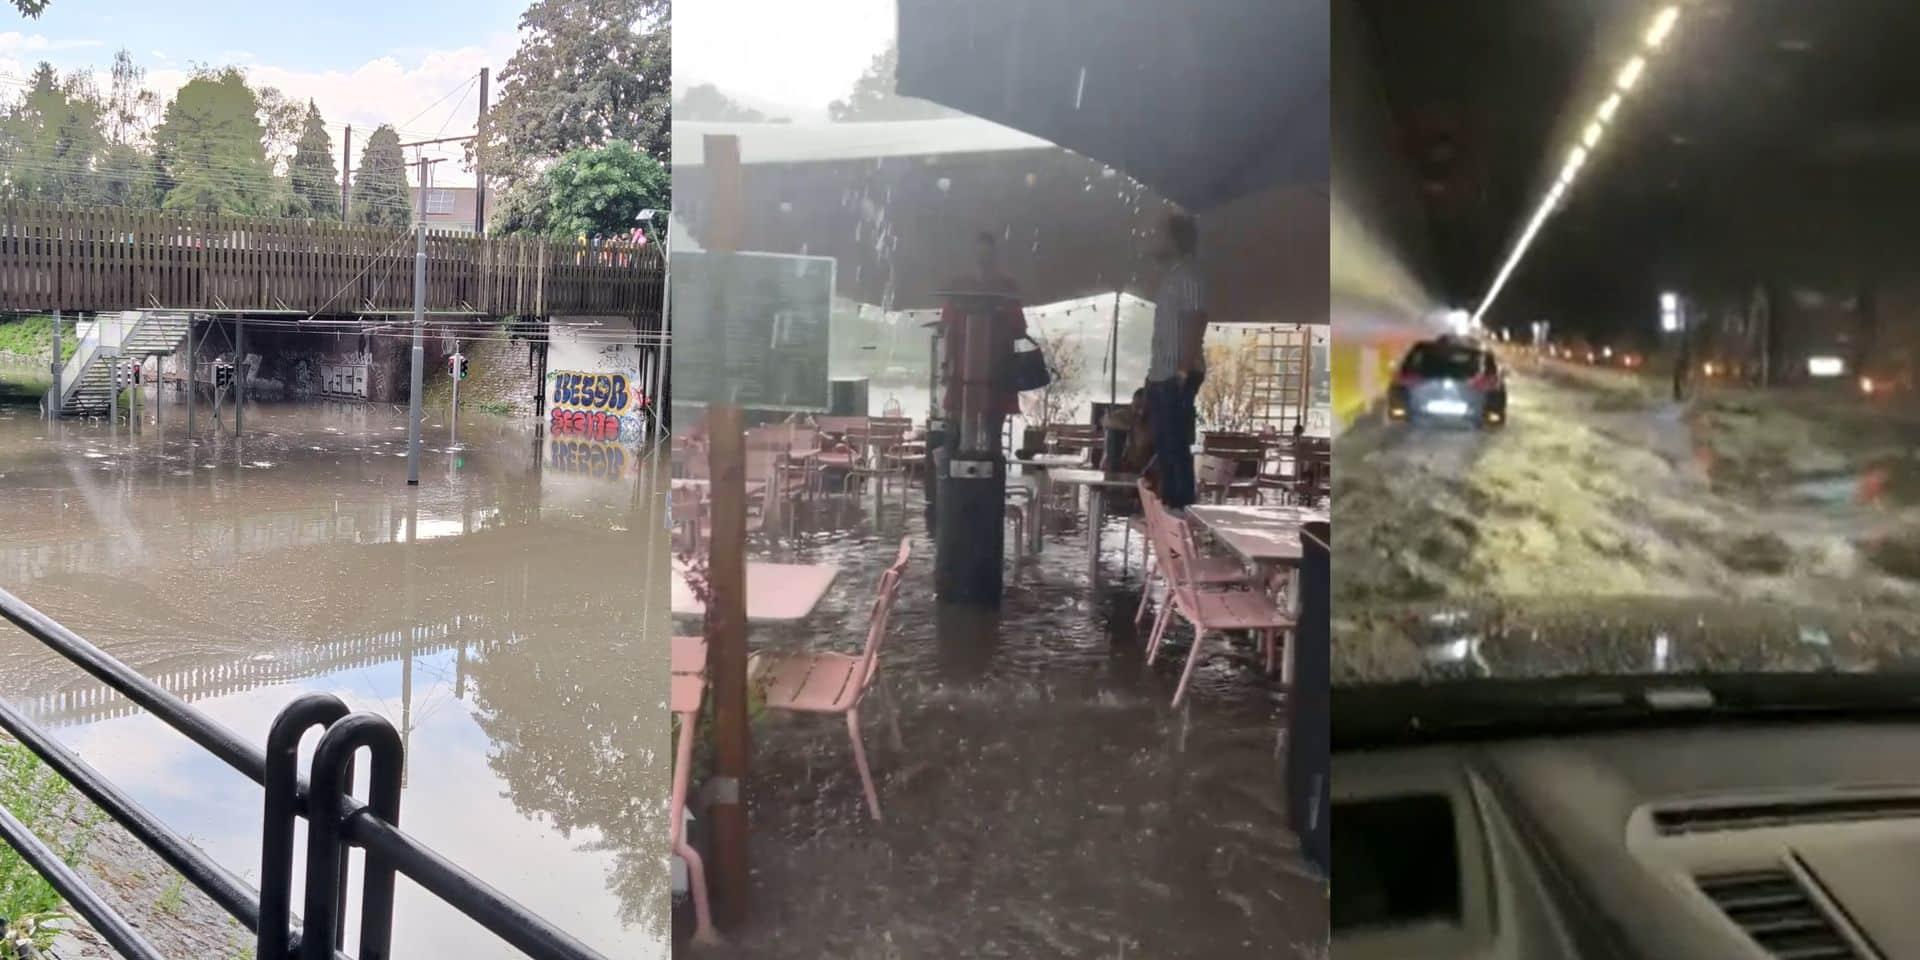 Rues inondées, tunnels fermés, circulation des trains interrompue : les orages ont fait des dégâts un peu partout en Belgique (PHOTOS & VIDEOS)